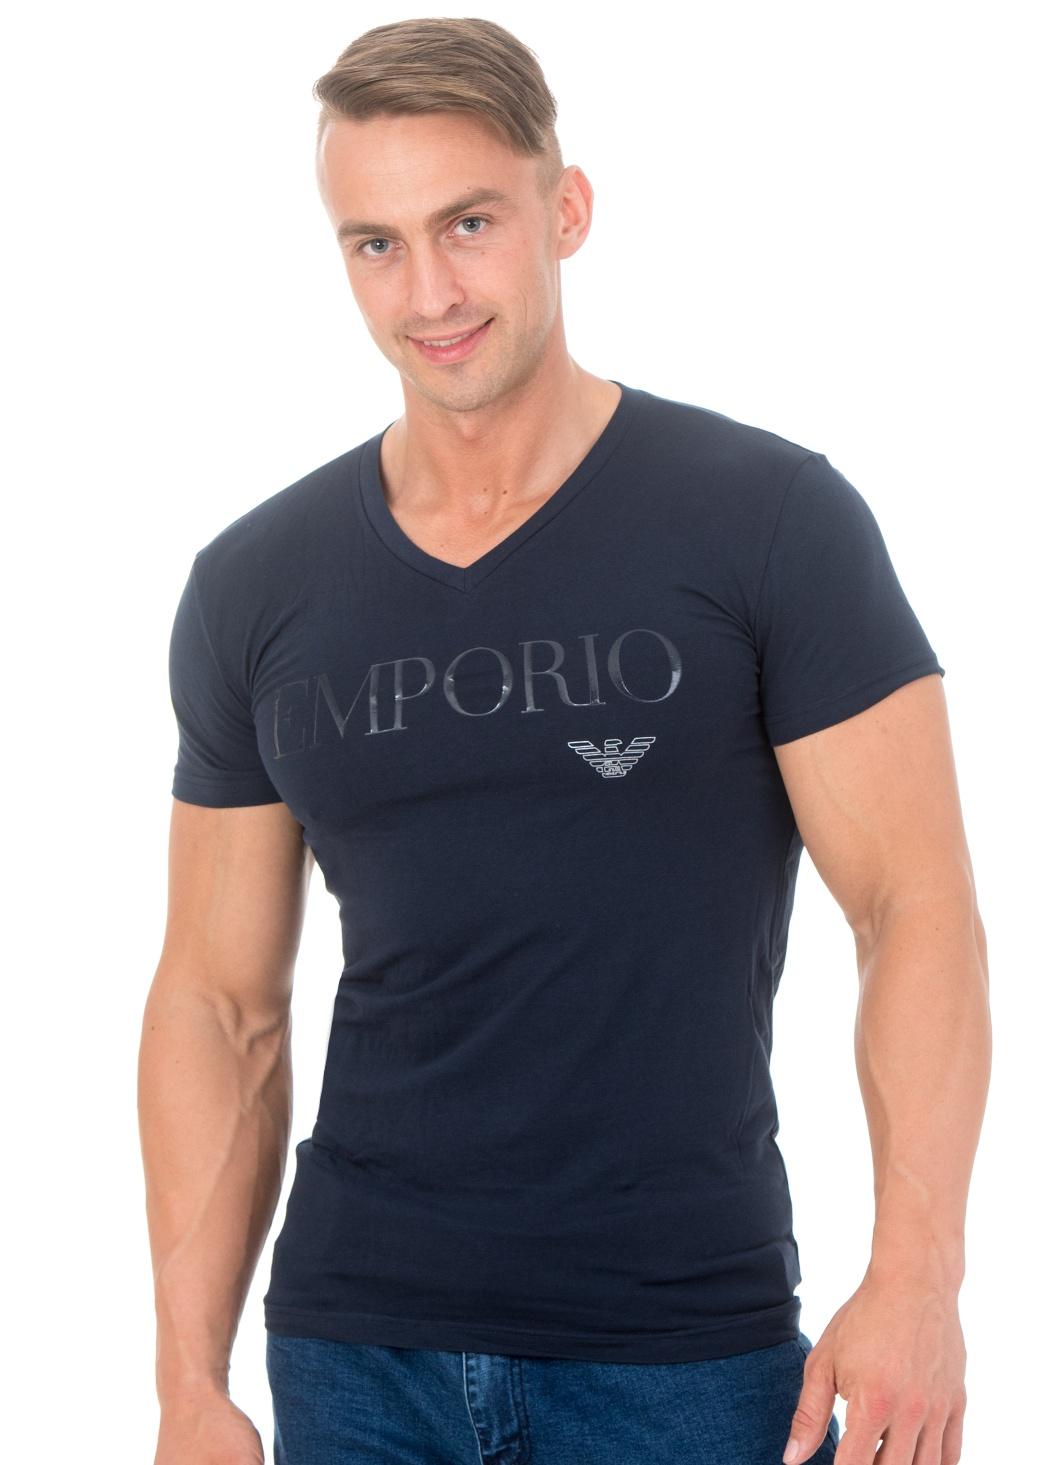 Pánské tričko Emporio Armani 110810 7A516 S Tm. modrá